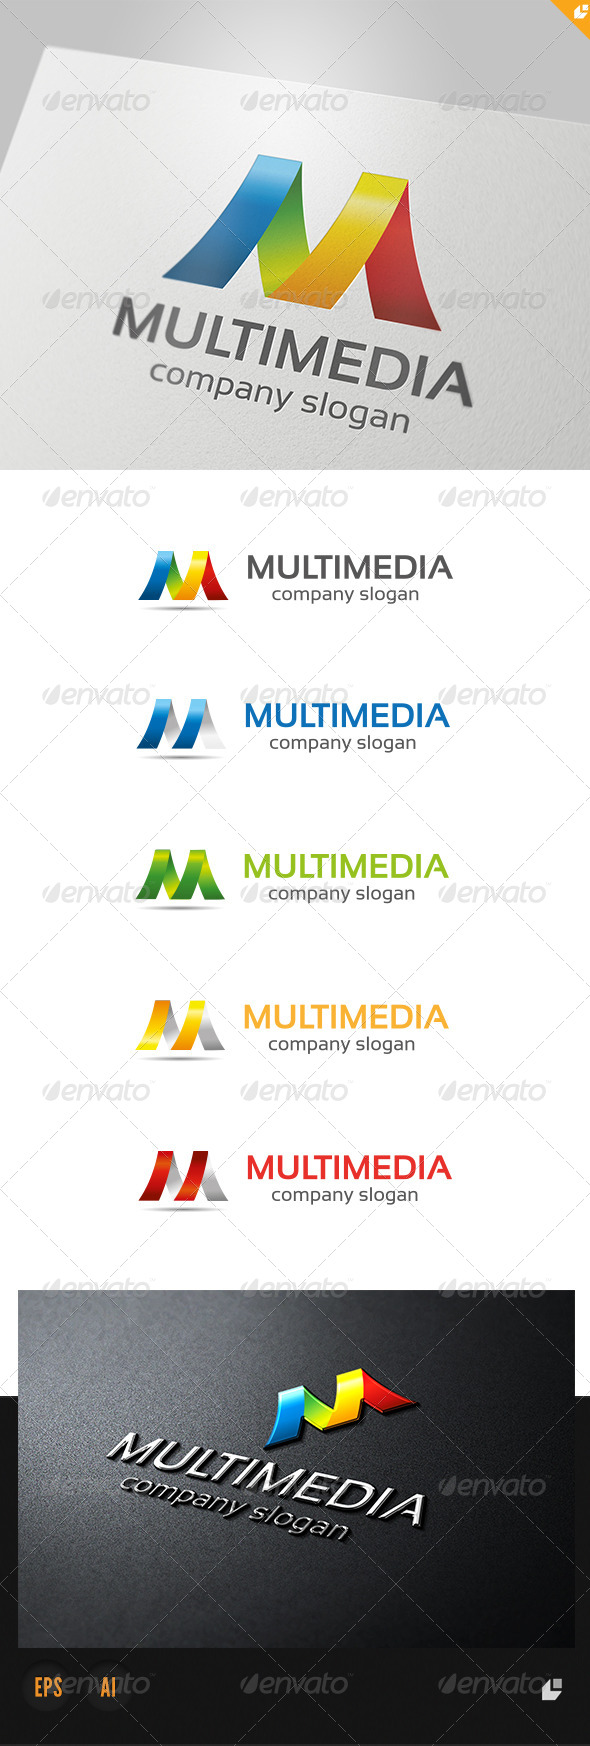 GraphicRiver Multimedia Logo 4076046